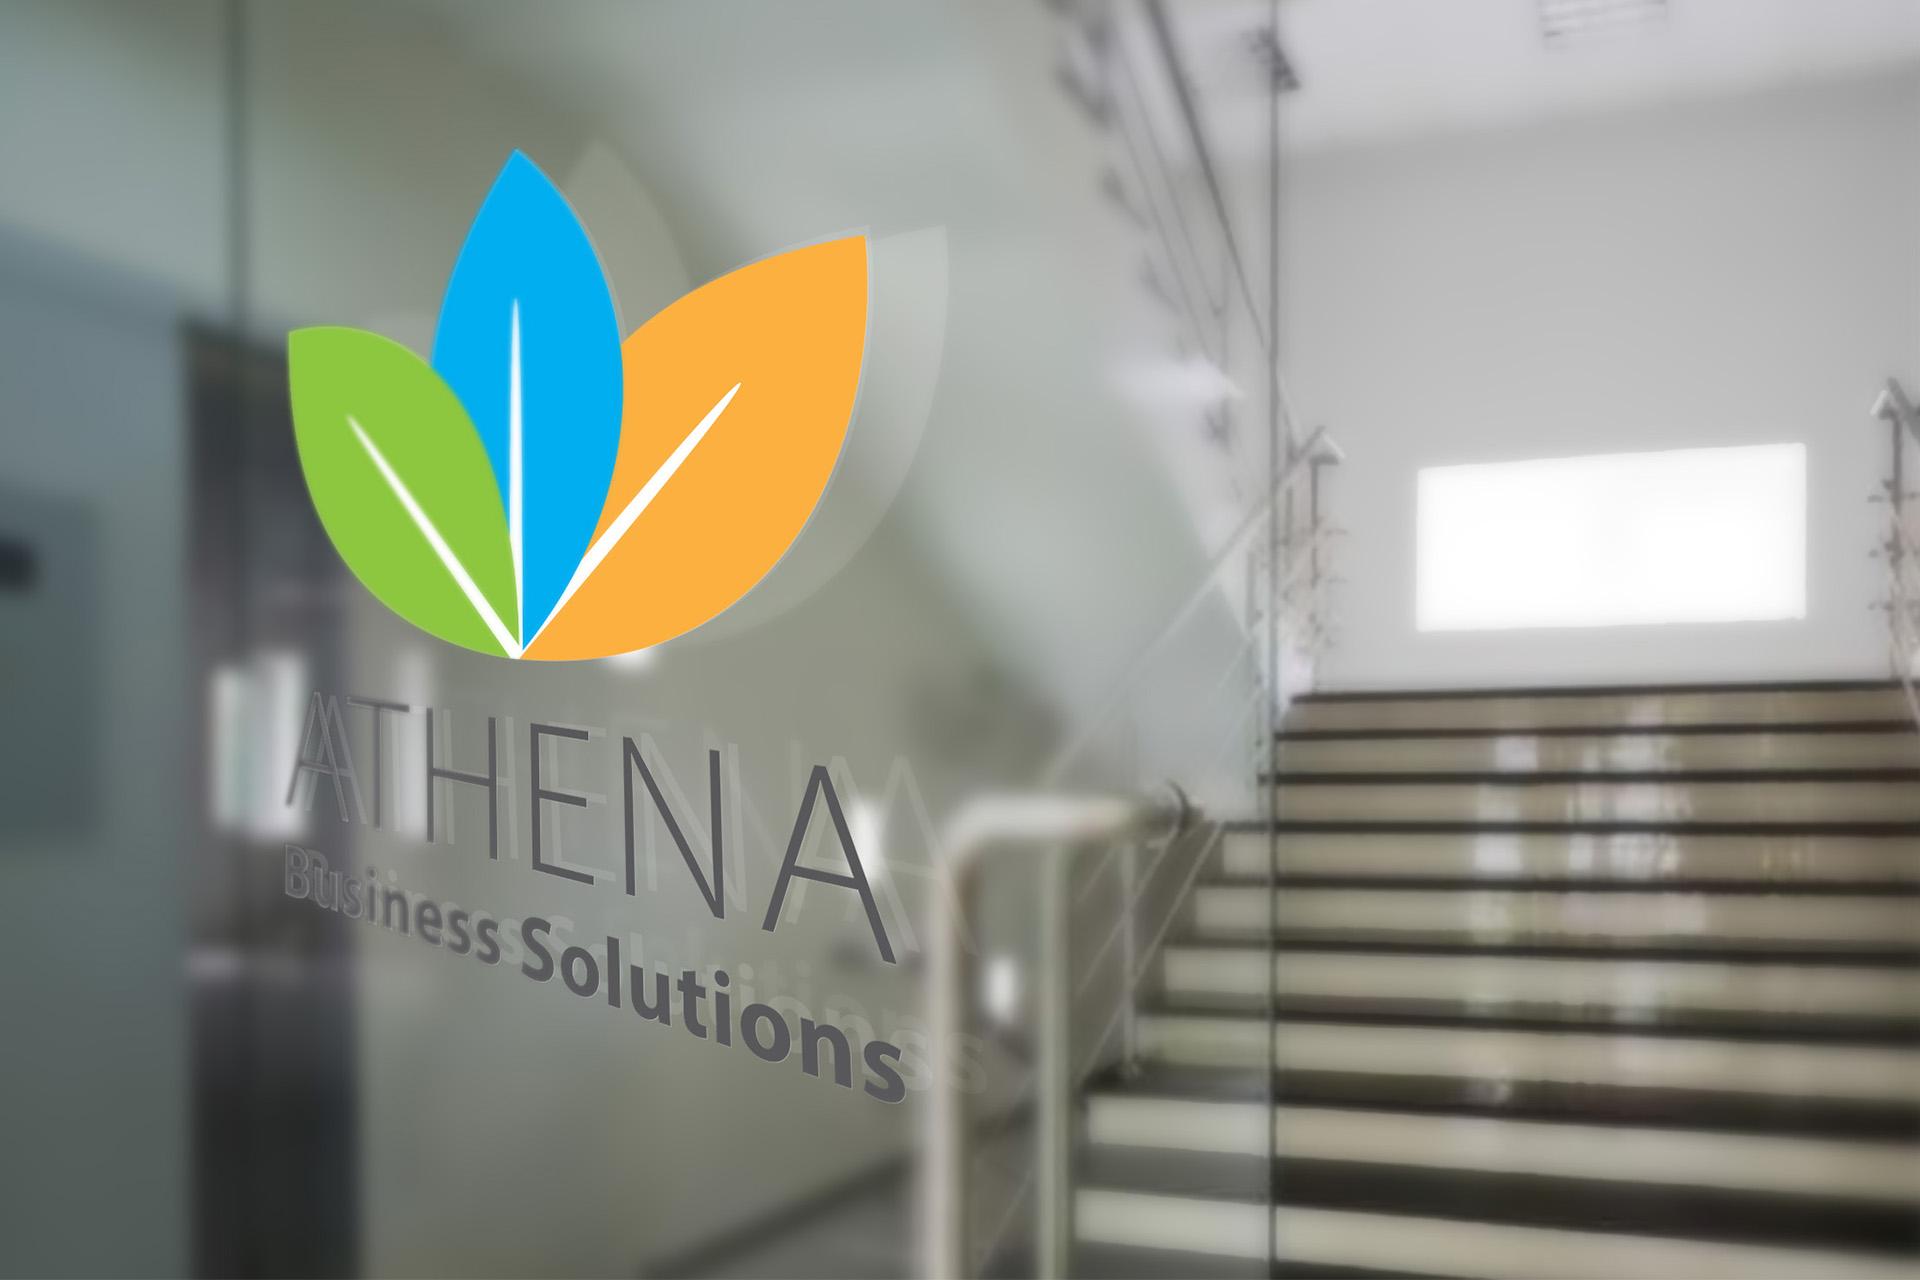 Athena Signage